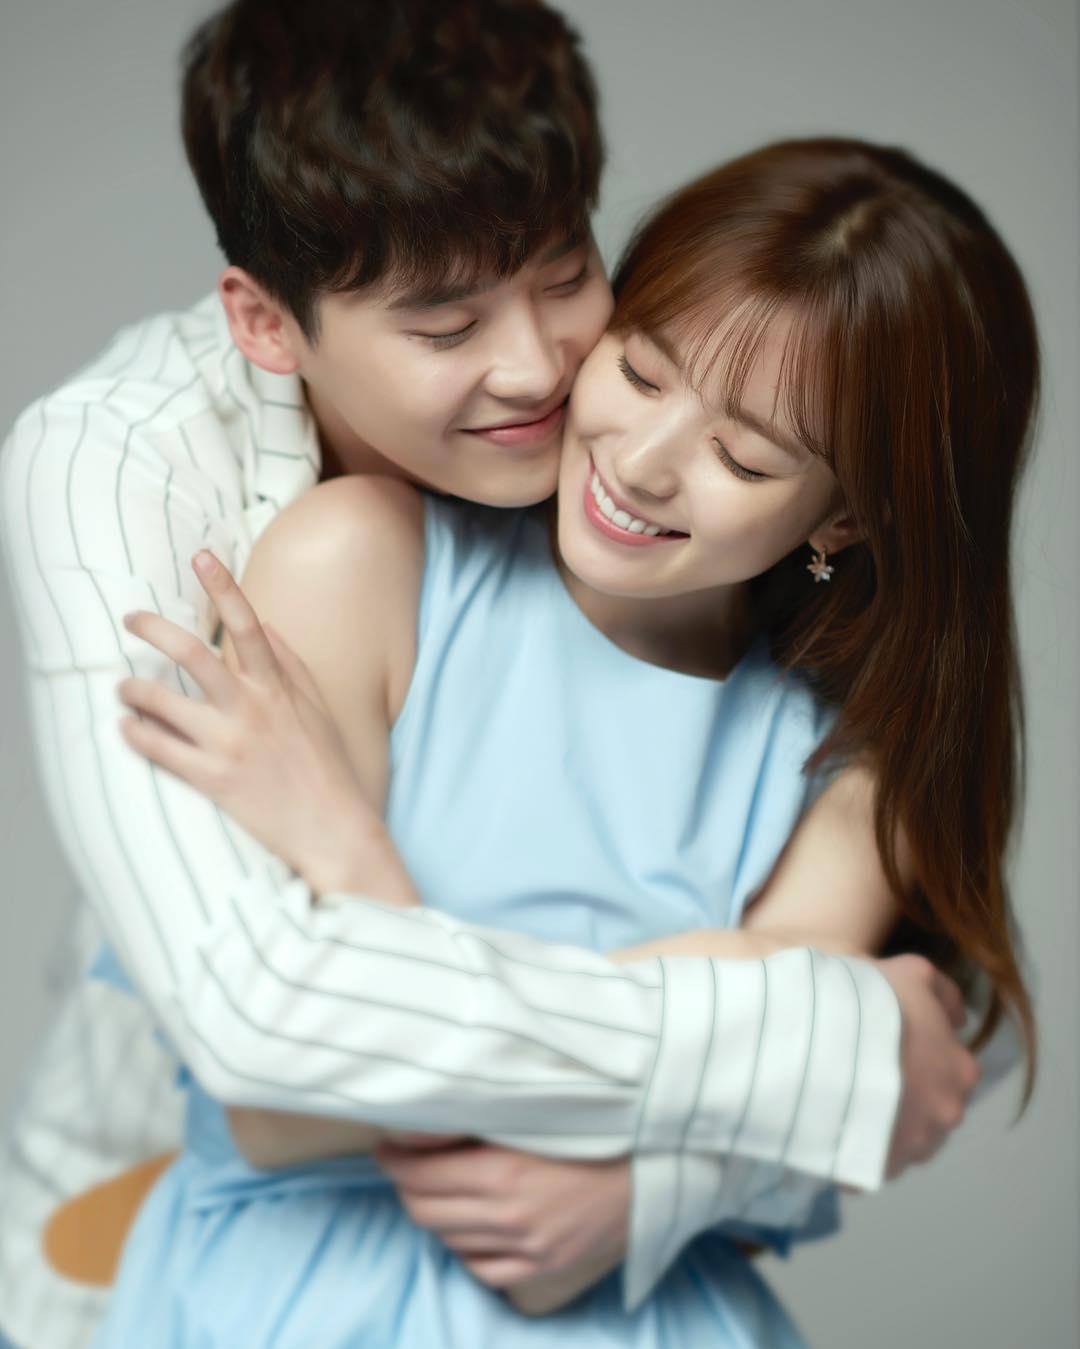 10 cặp đôi màn ảnh được fan phim Hàn kêu gào đòi tái hợp: Số 1 đích thị là IU - Lee Jun Ki rồi! - Ảnh 18.